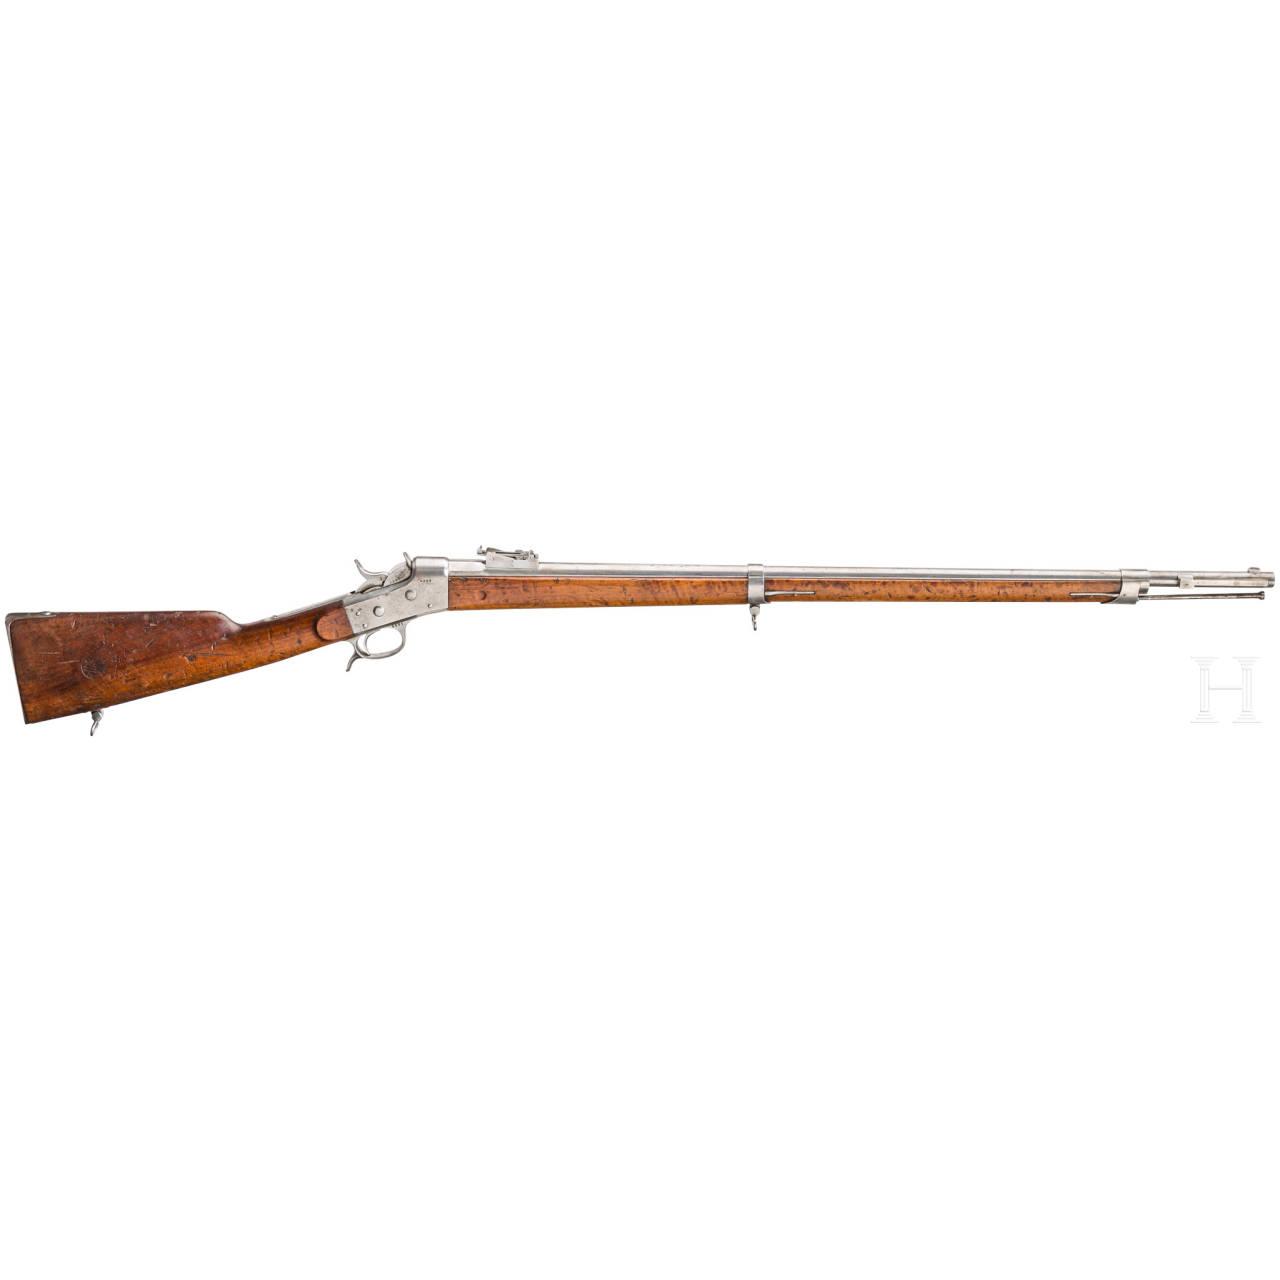 Nagant Rolling Block Rifle M 1872